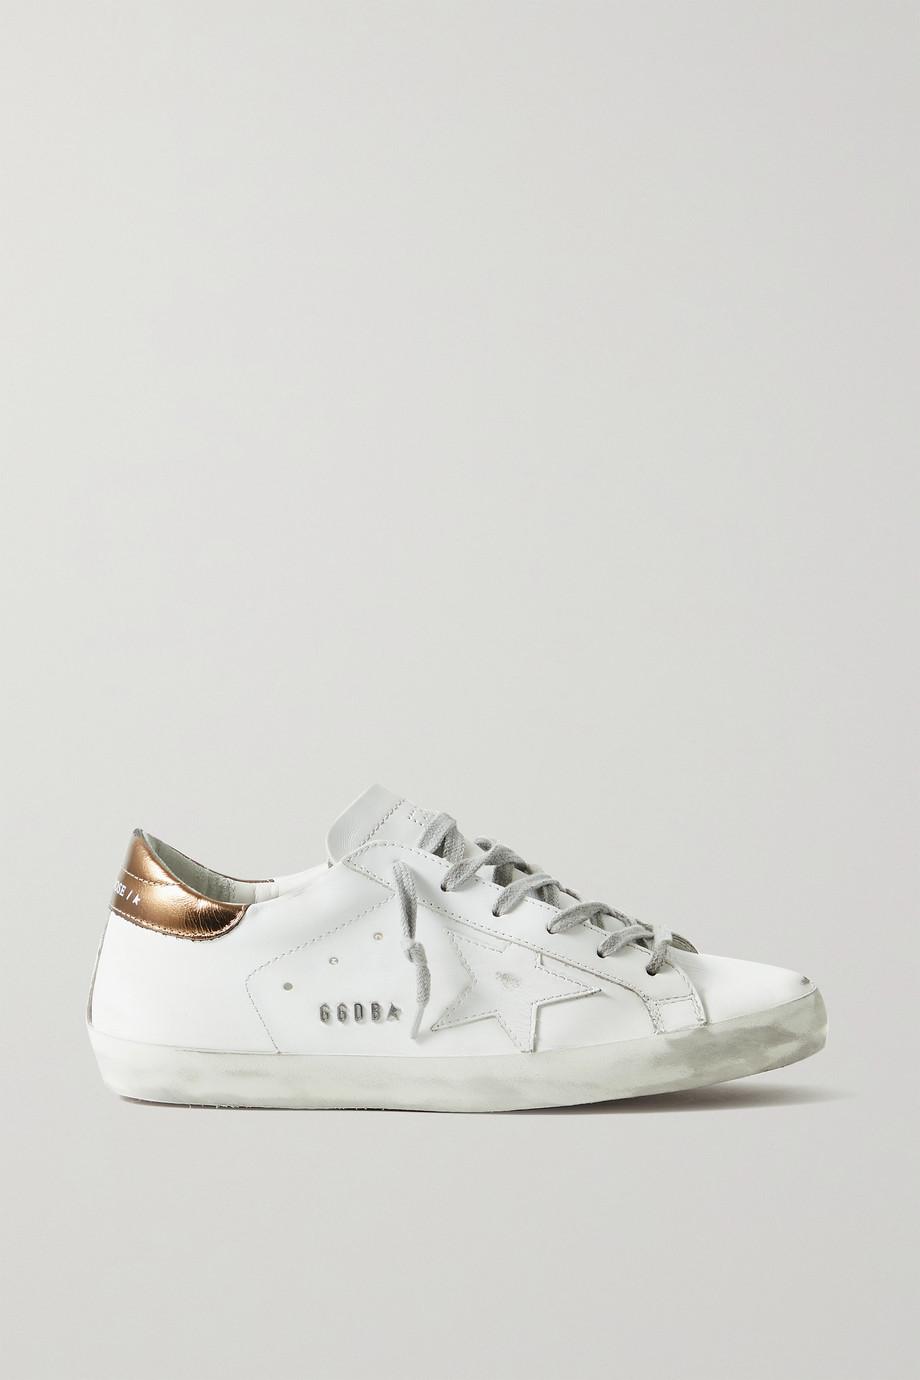 Golden Goose Superstar distressed metallic leather sneakers